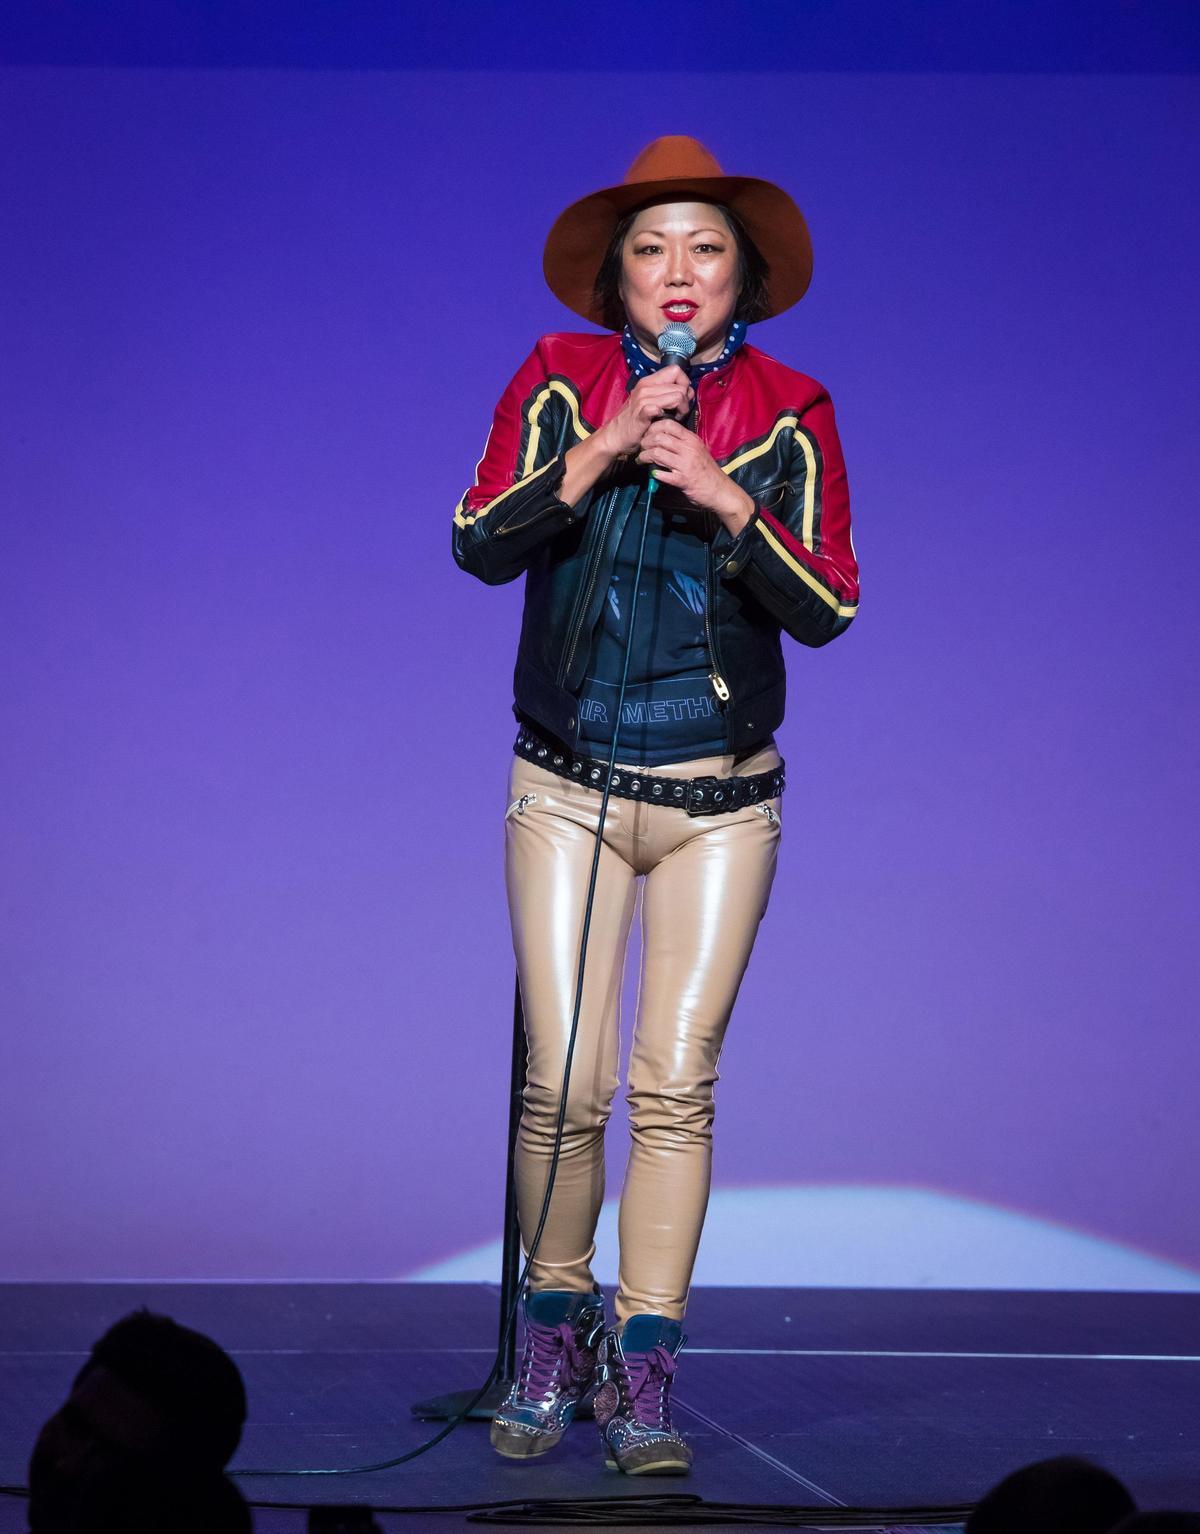 趙牡丹的單人喜劇節目內容辛辣,她對成癮、虐待和種族歧視等敏感話題直言不諱,也常提出真知灼見,圖為她在賭城的演出。(東方IC)